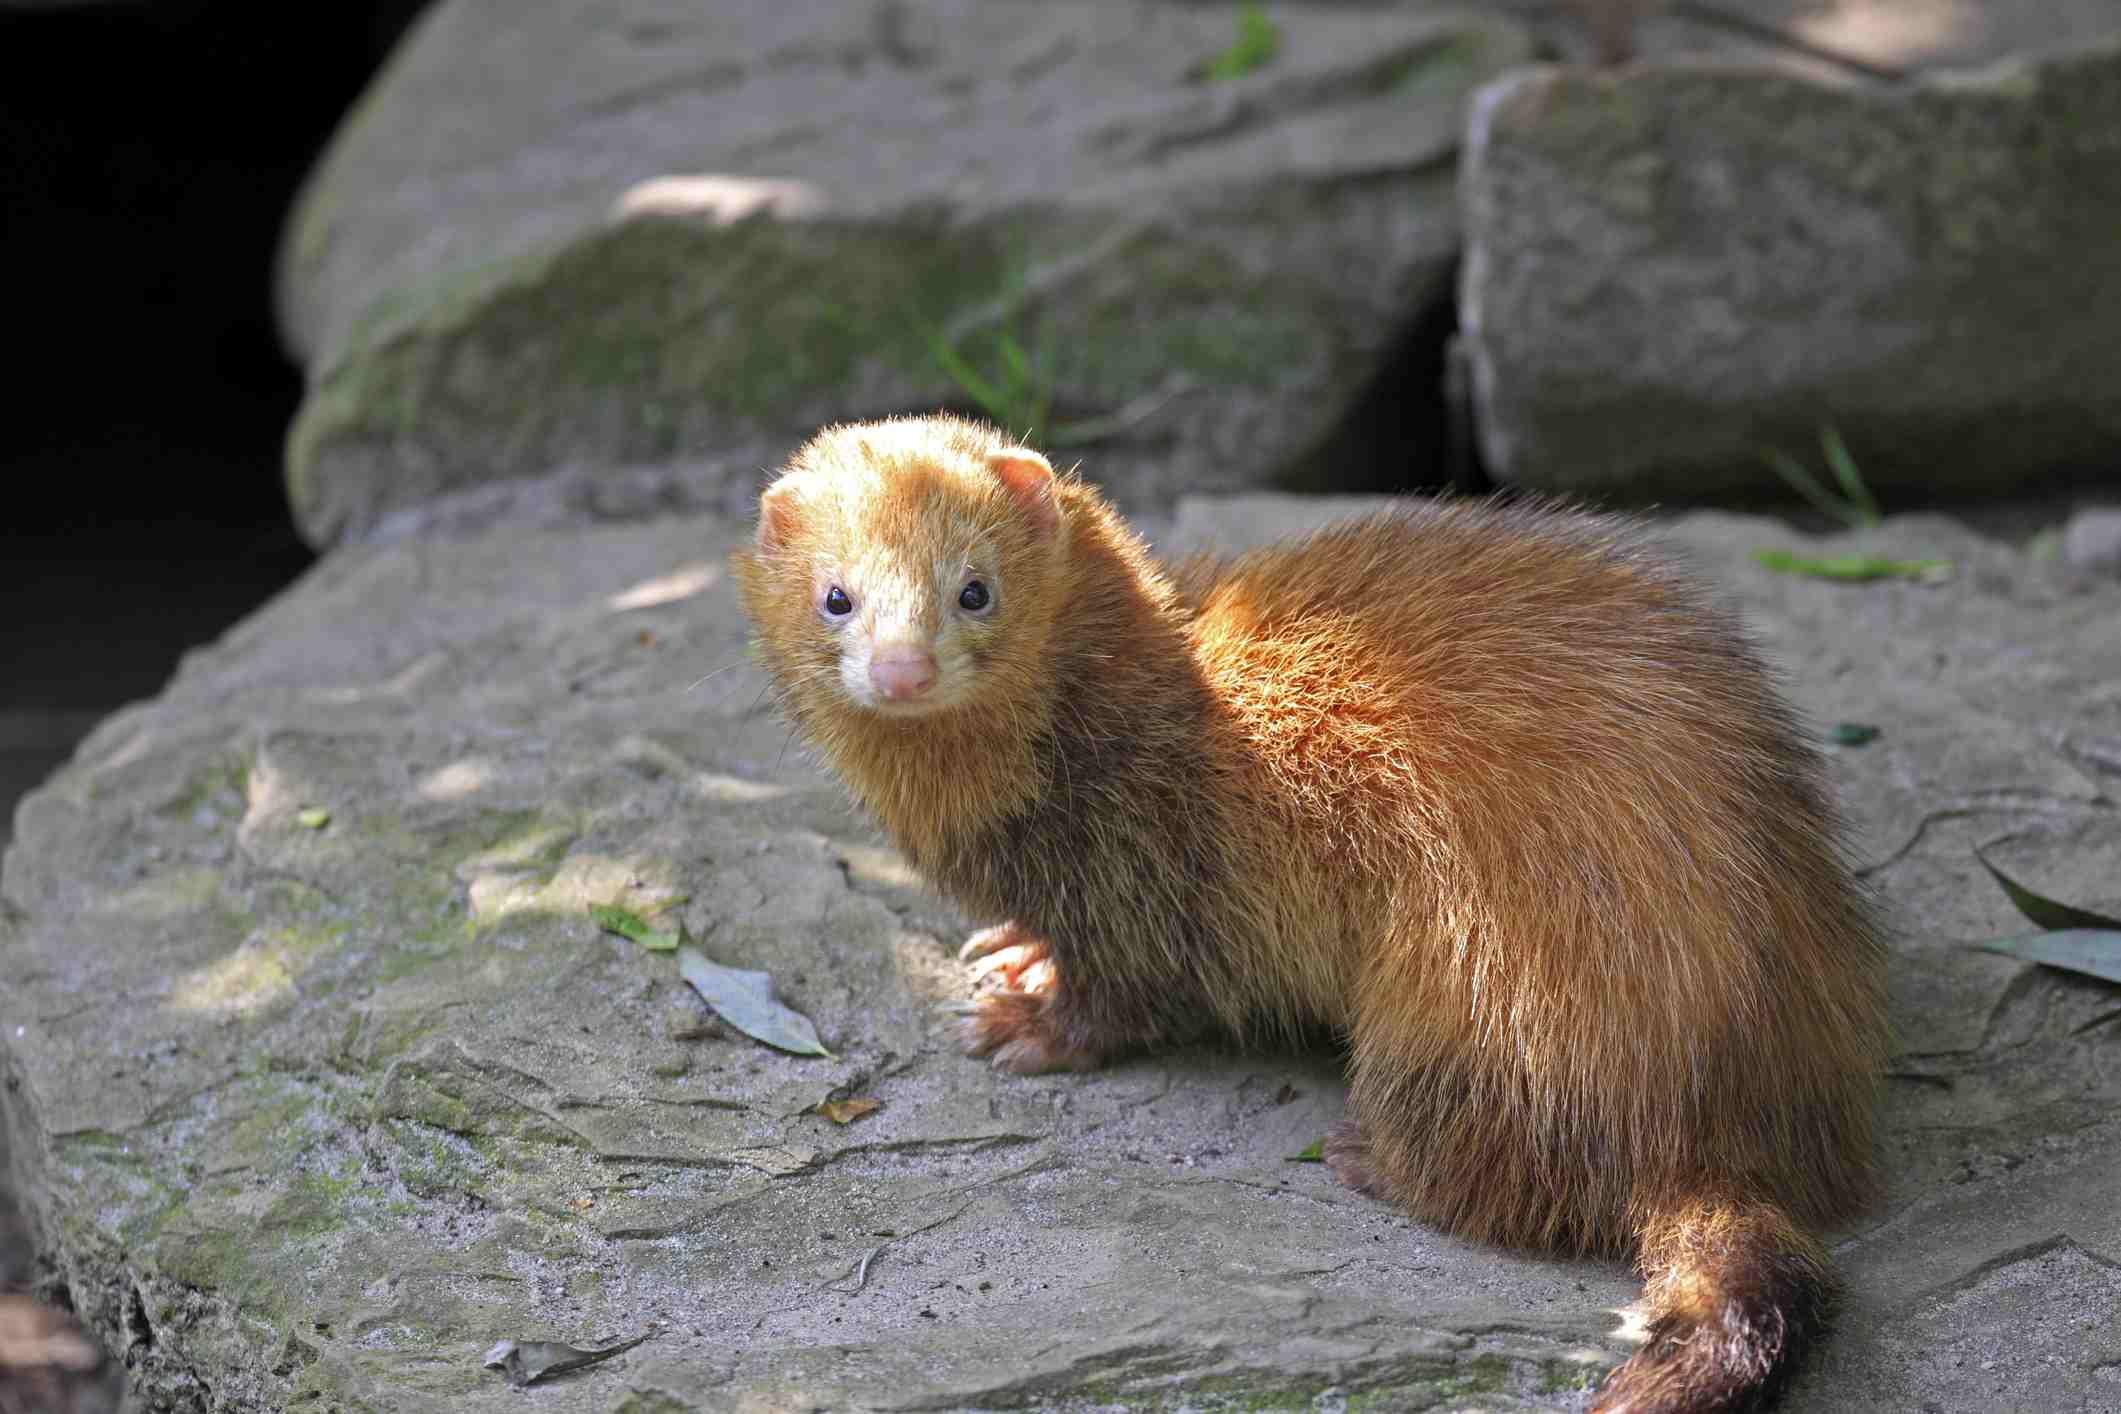 Ferret on rock